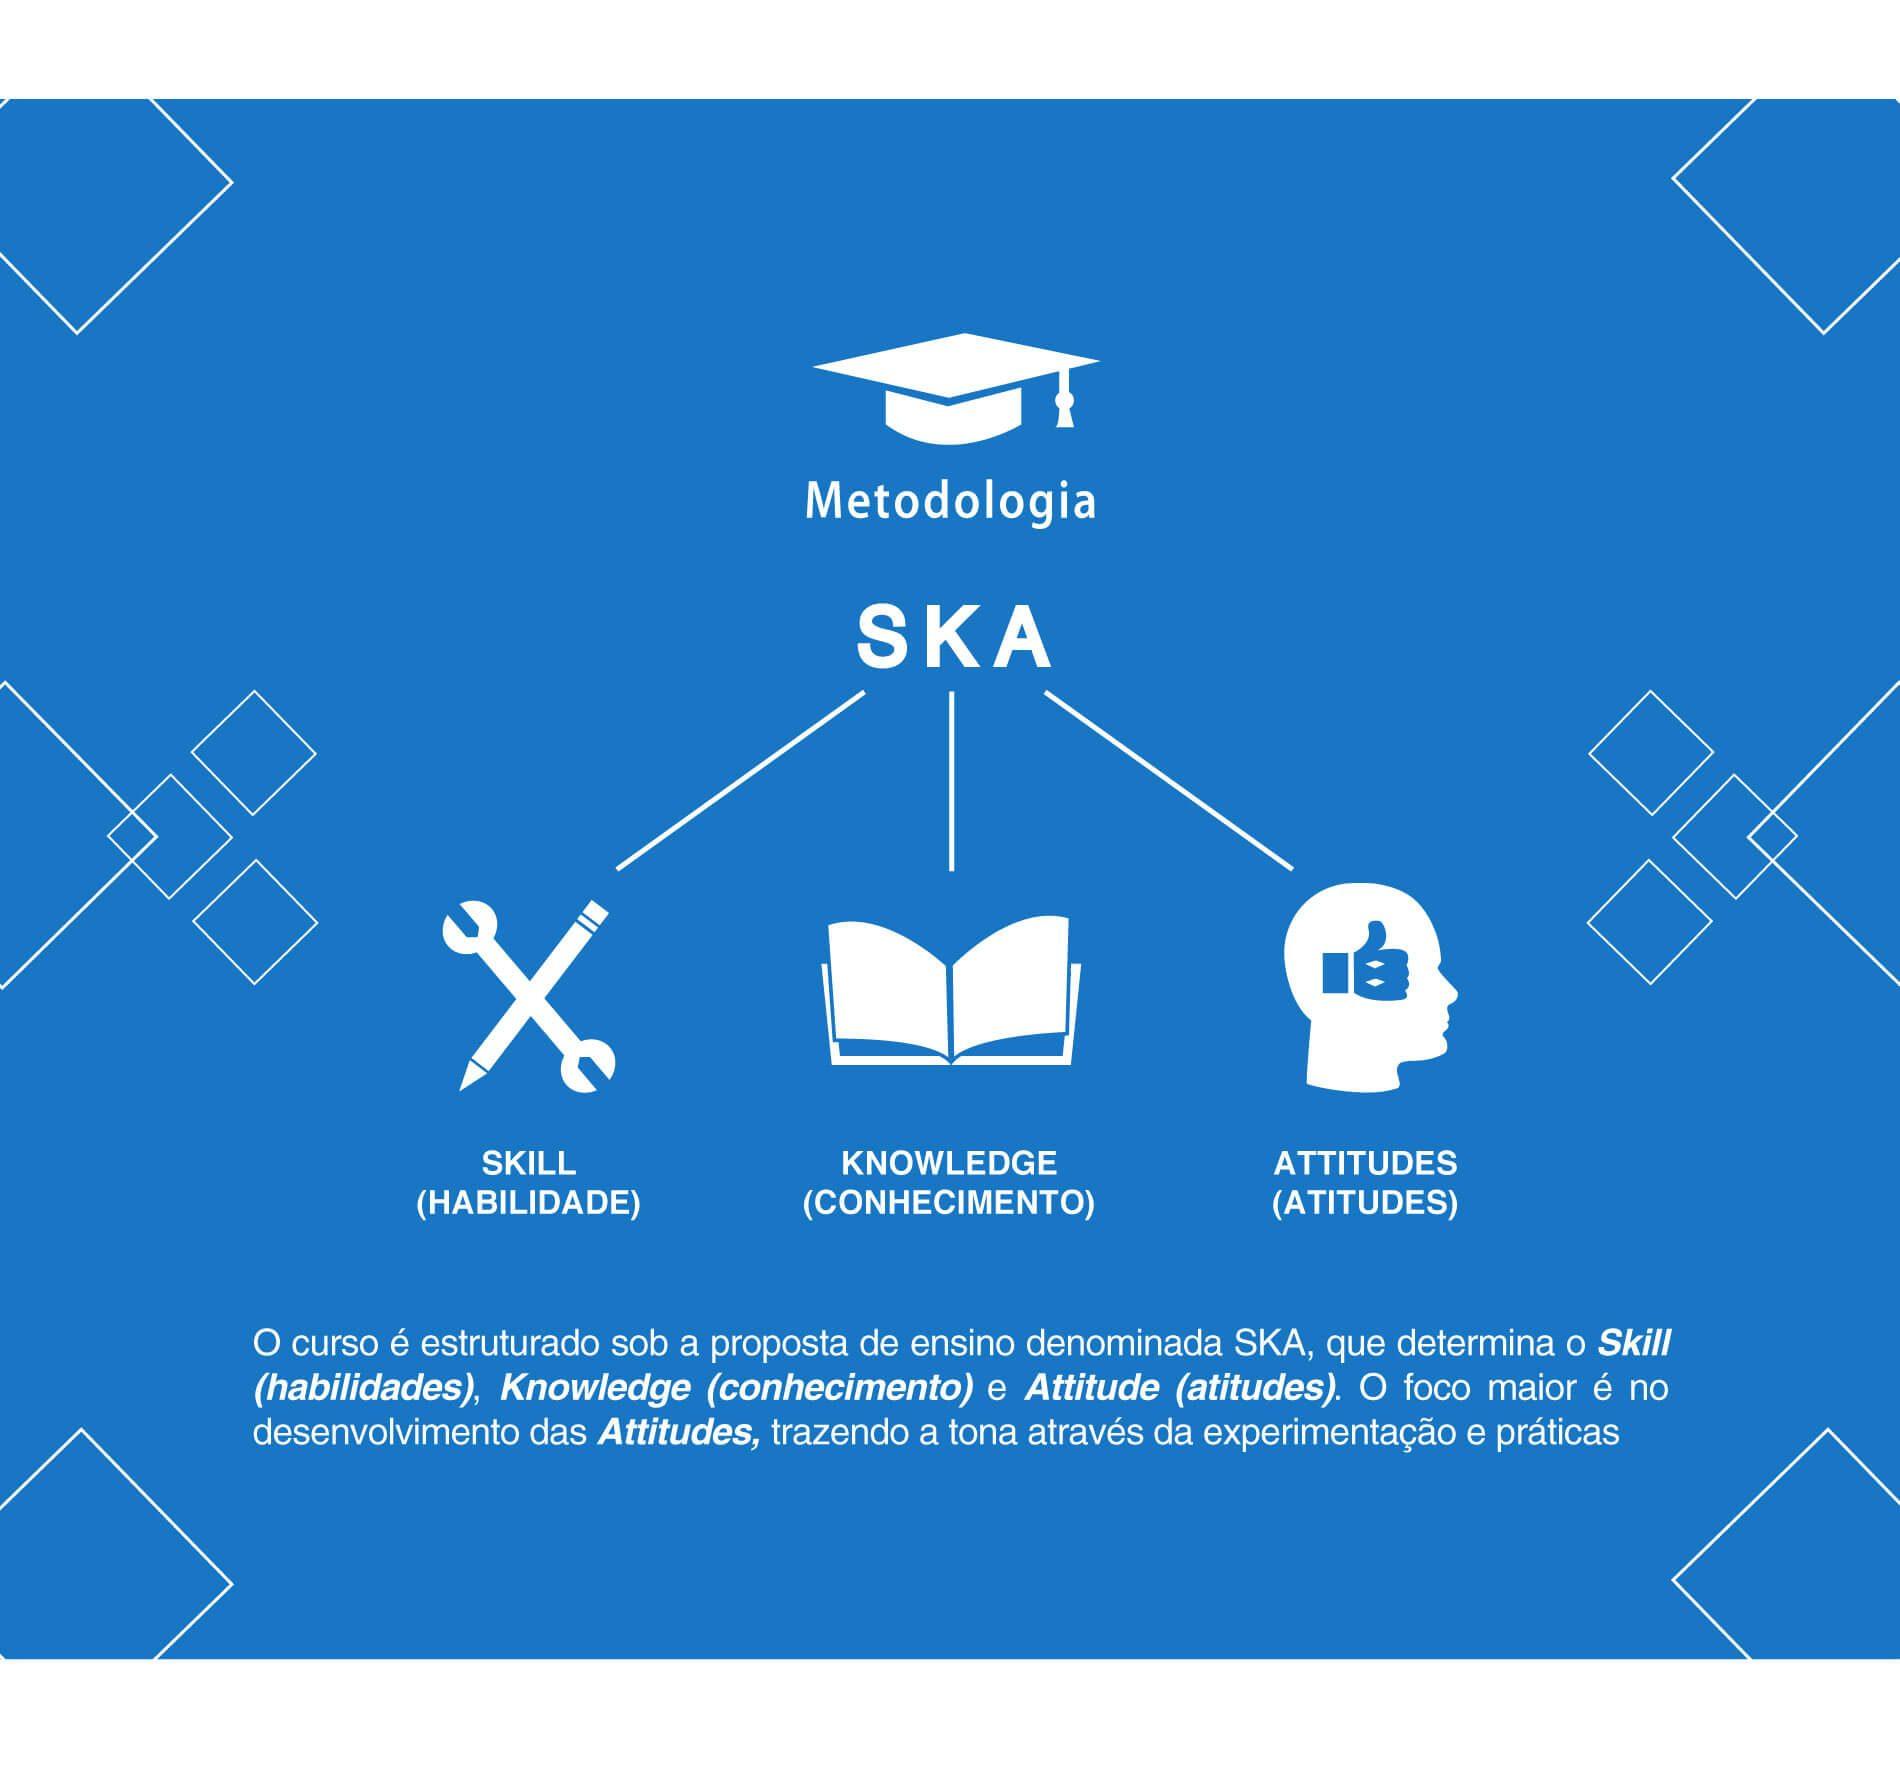 Metodologia SKA